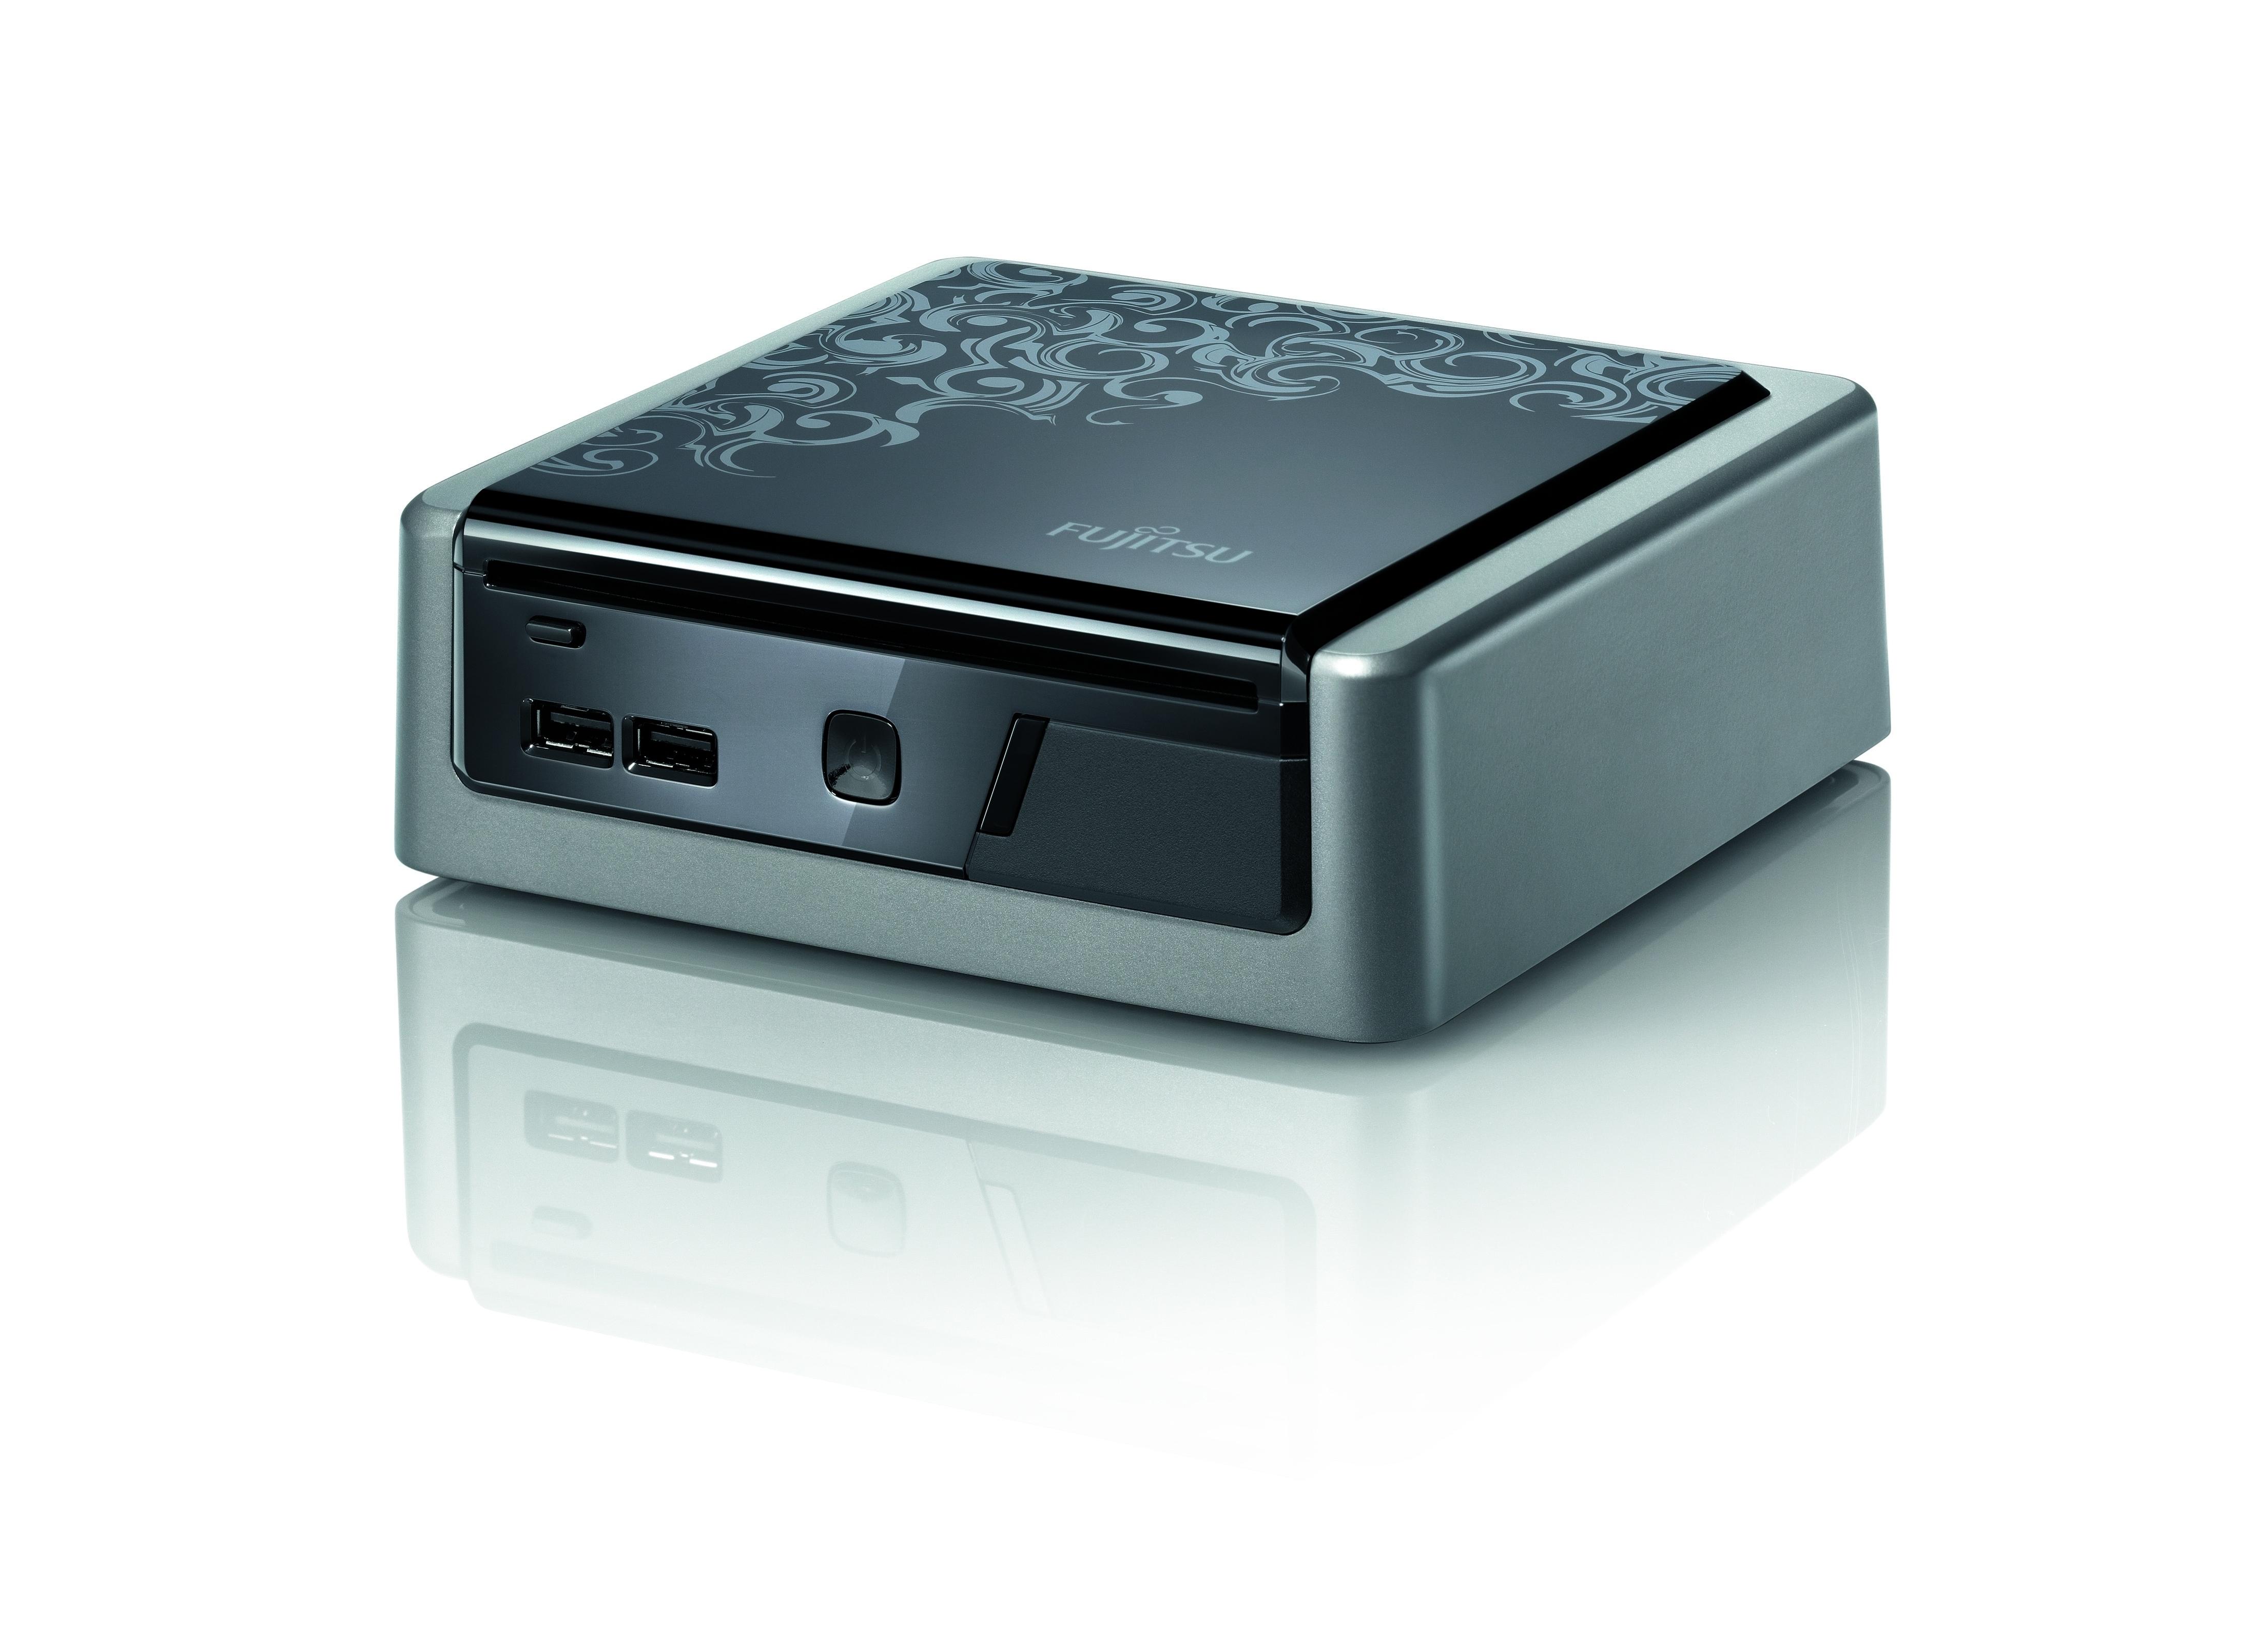 Fujitsu ESPRIMO Q1500 2.1GHz T4300 Desktop piccolo Nero, Argento PC